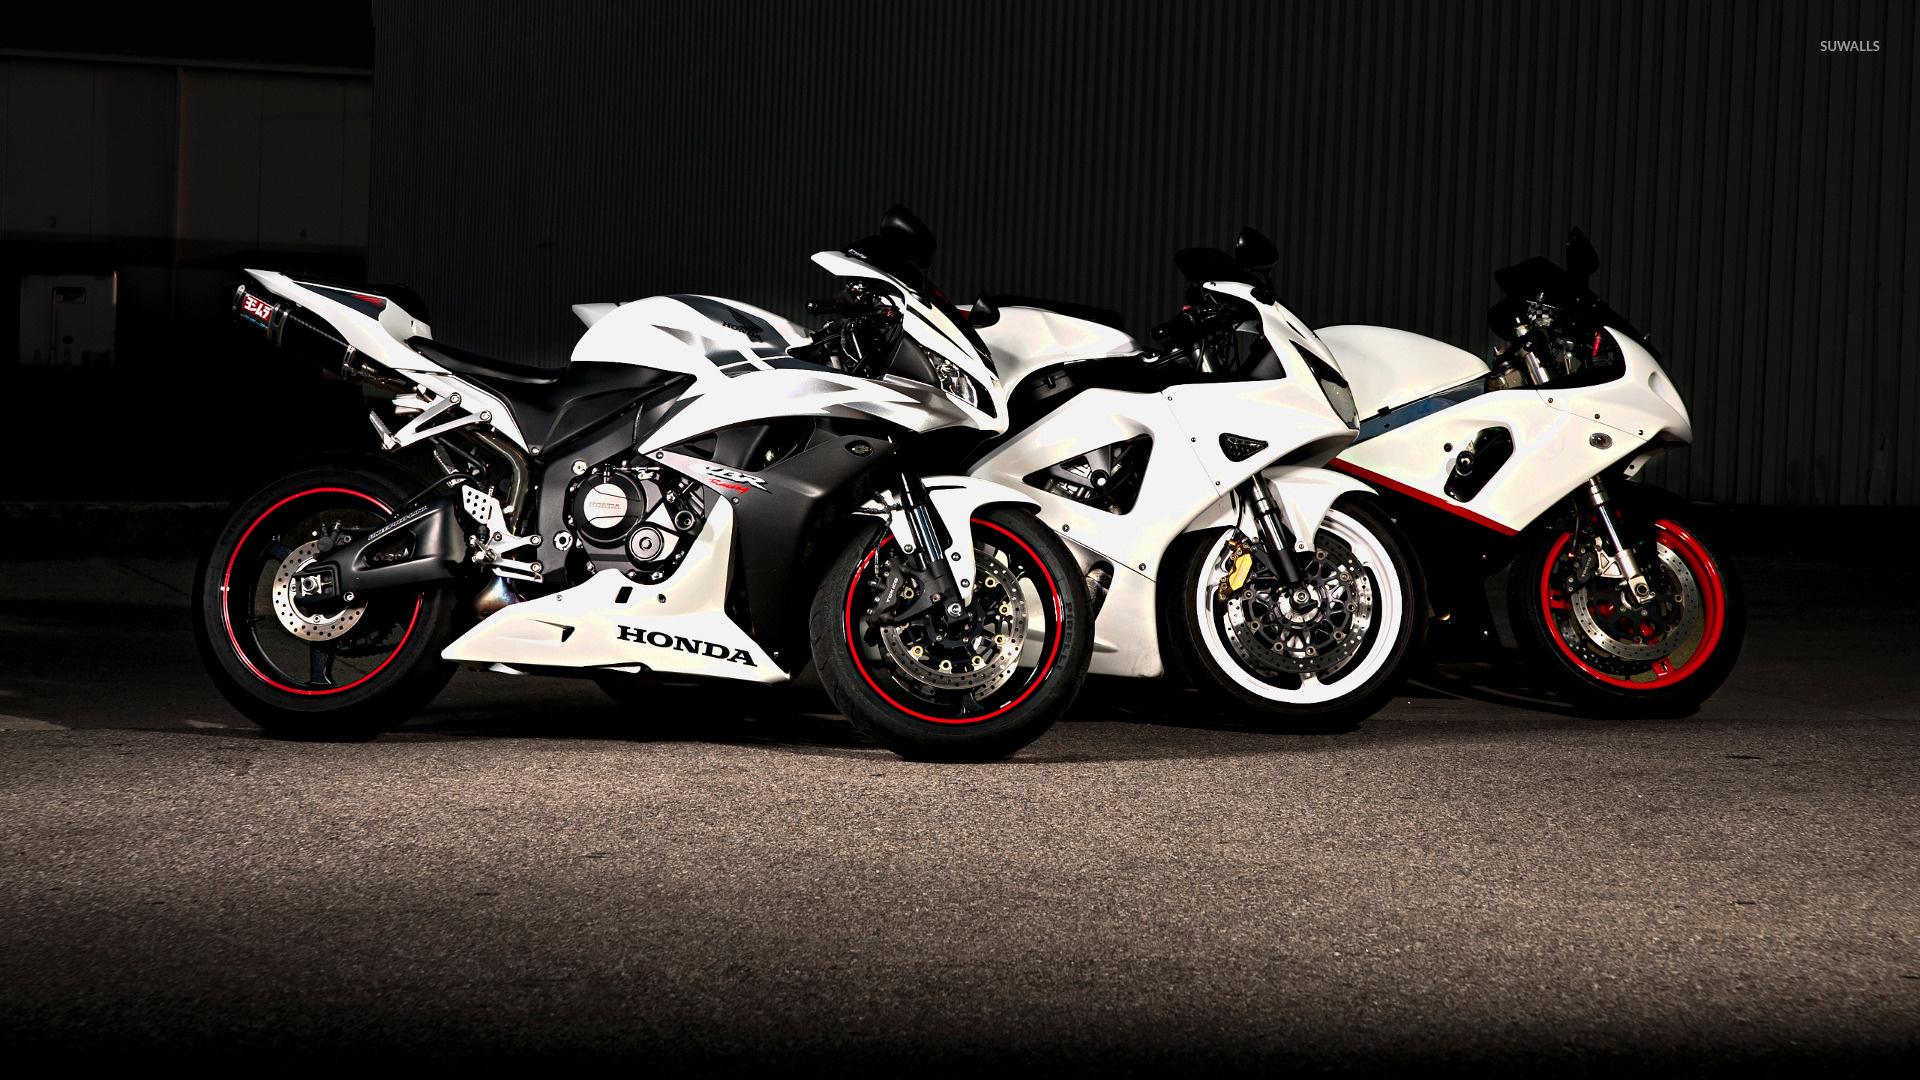 спортивный мотоцикл Honda  № 3935578 загрузить